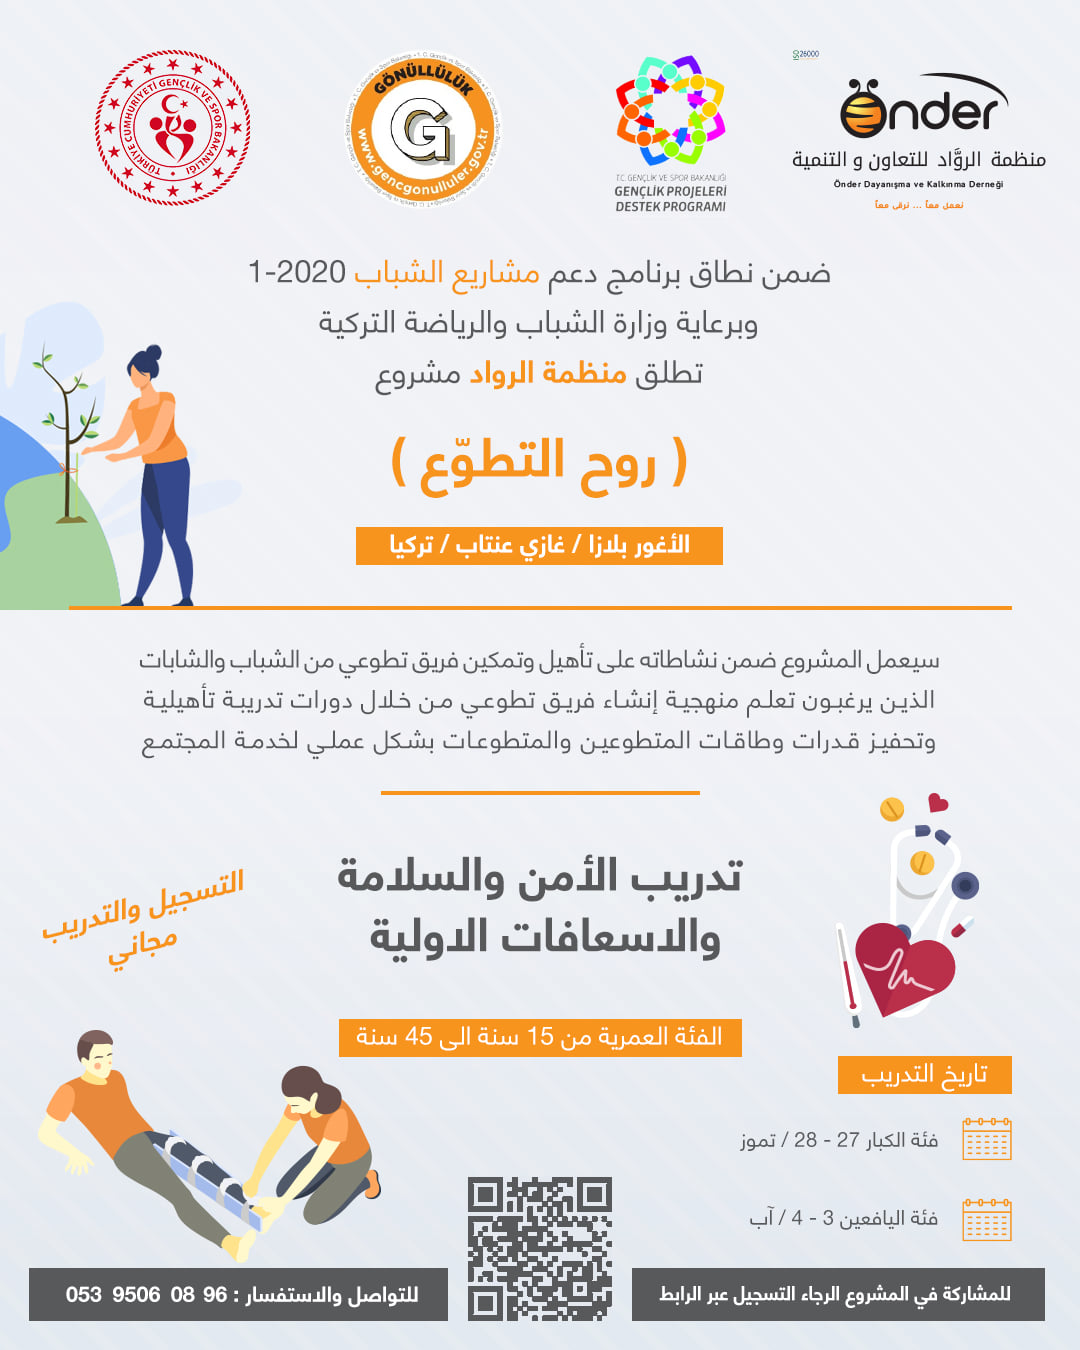 تدريب مجاني في الأمن والسلامة والاسعافات الاولية في غازي عنتاب